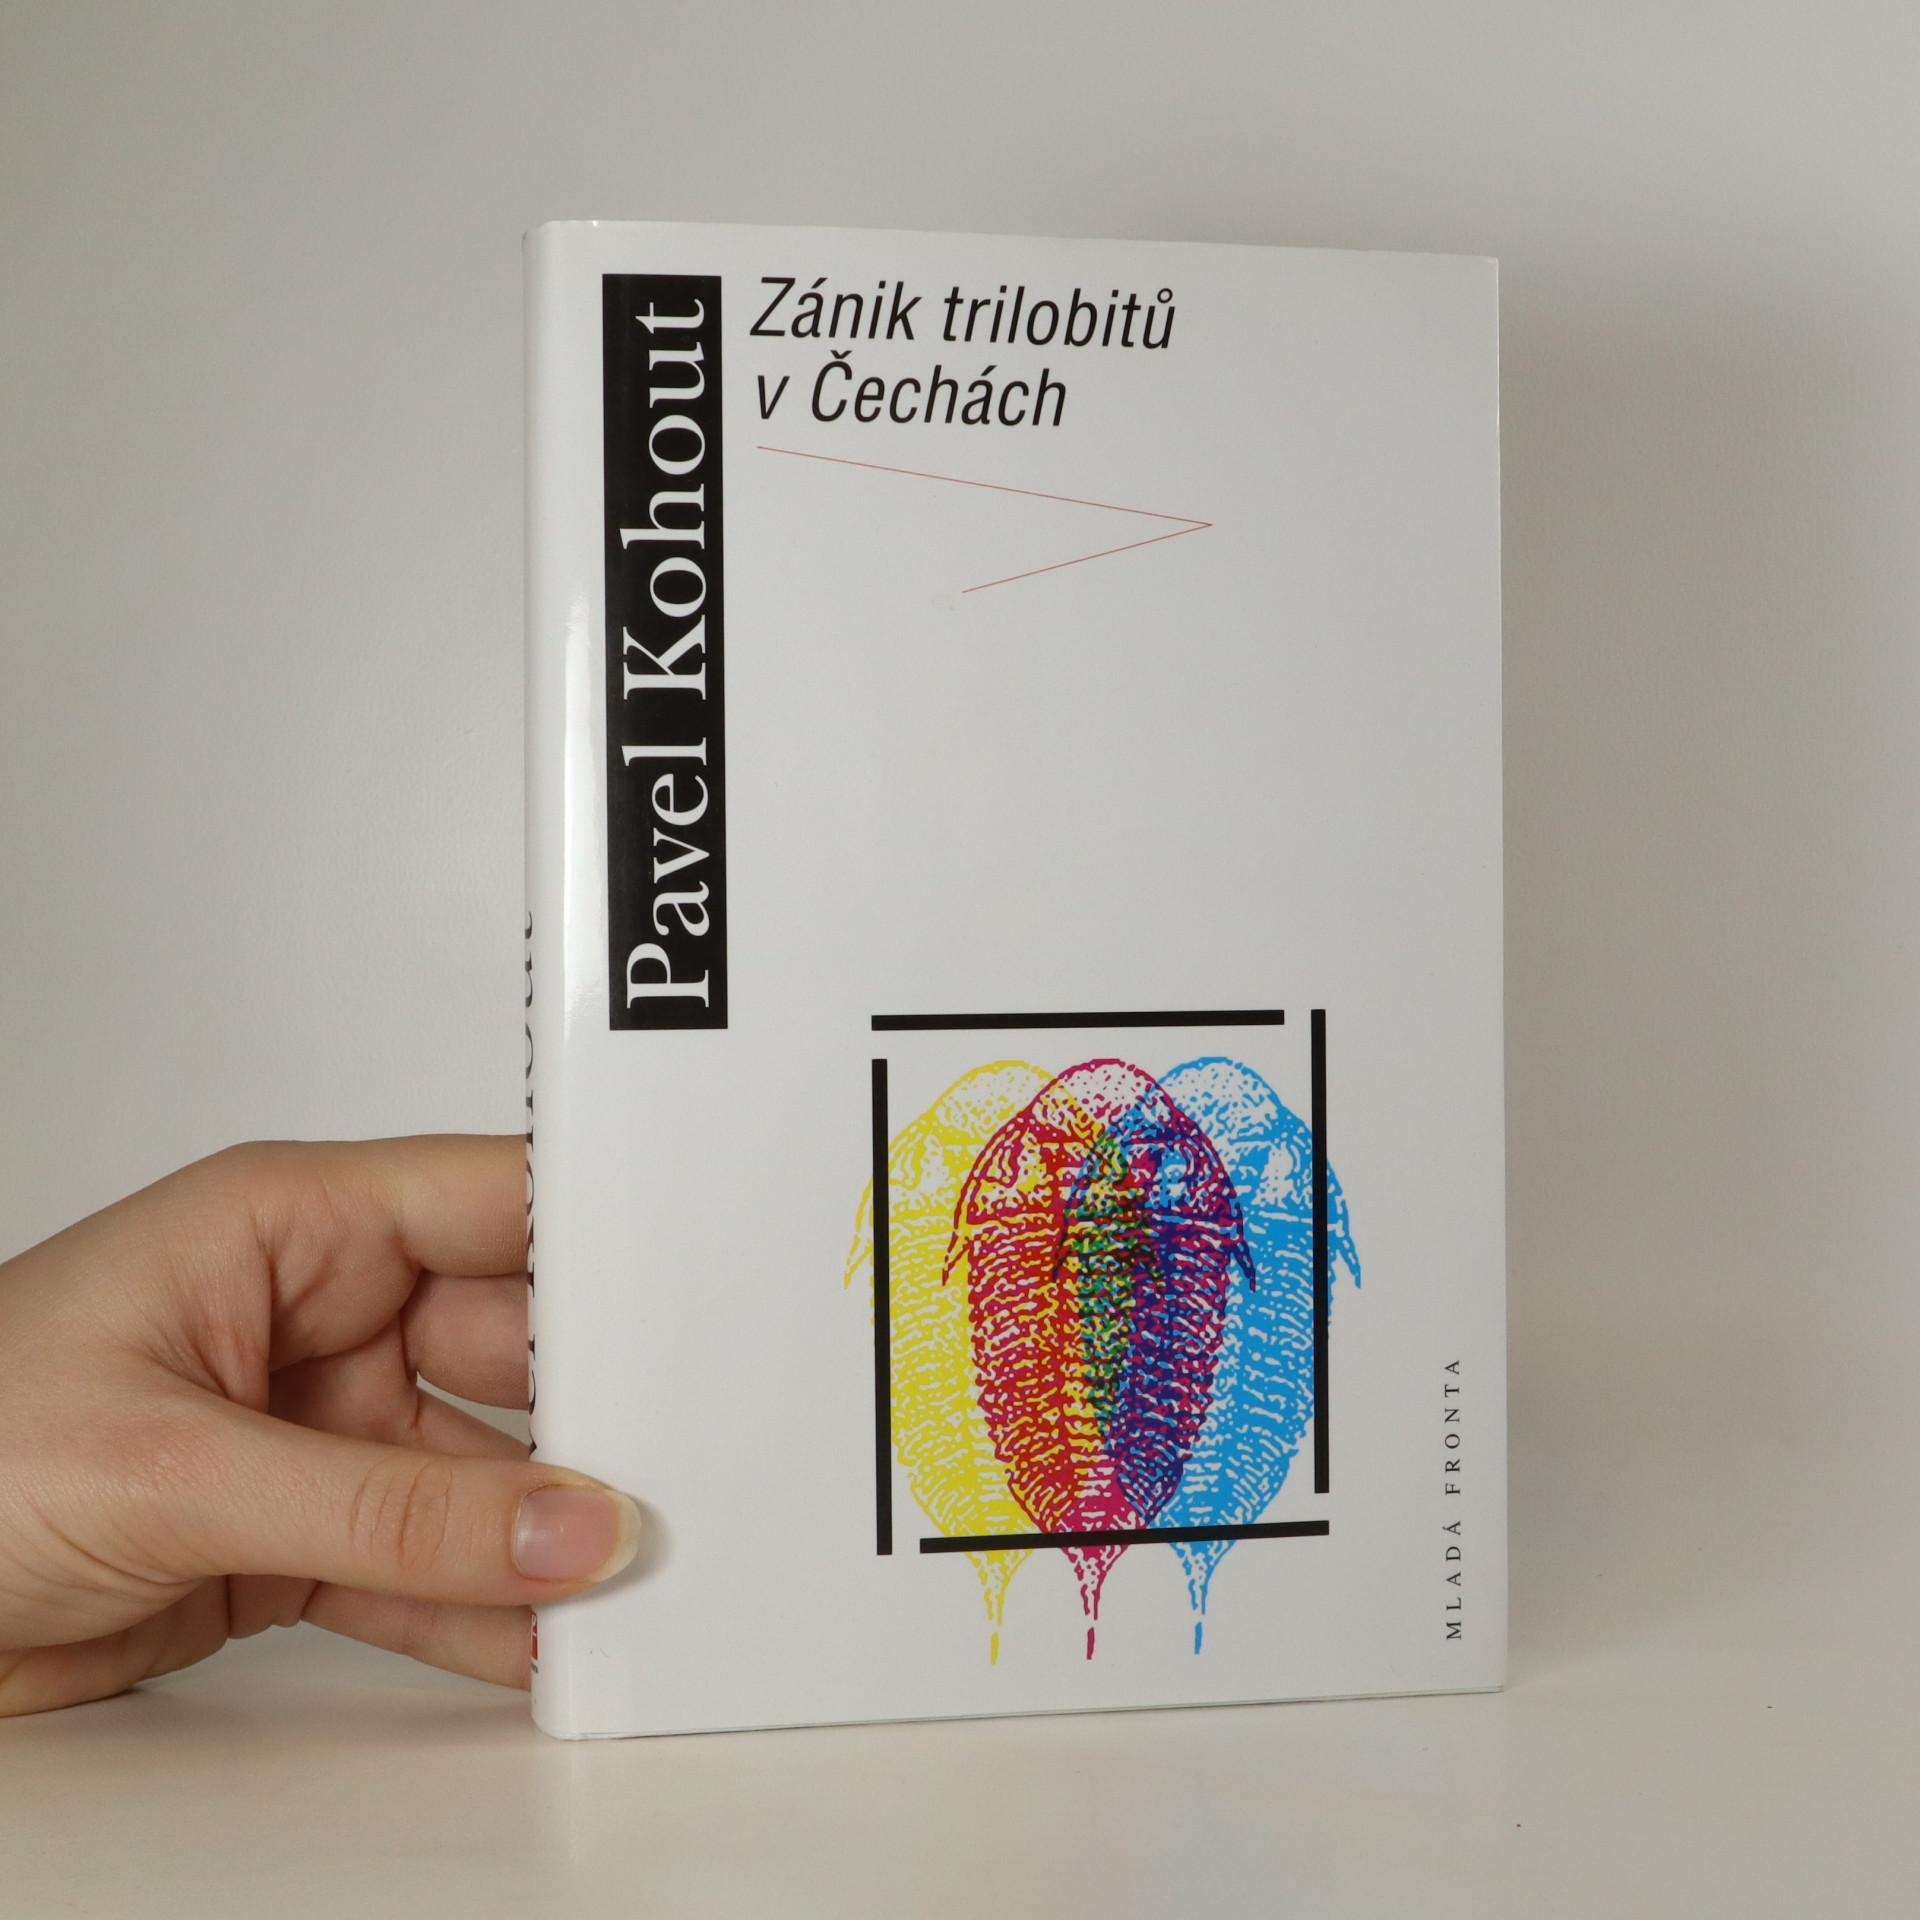 antikvární kniha Zánik trilobitů v Čechách, 2014